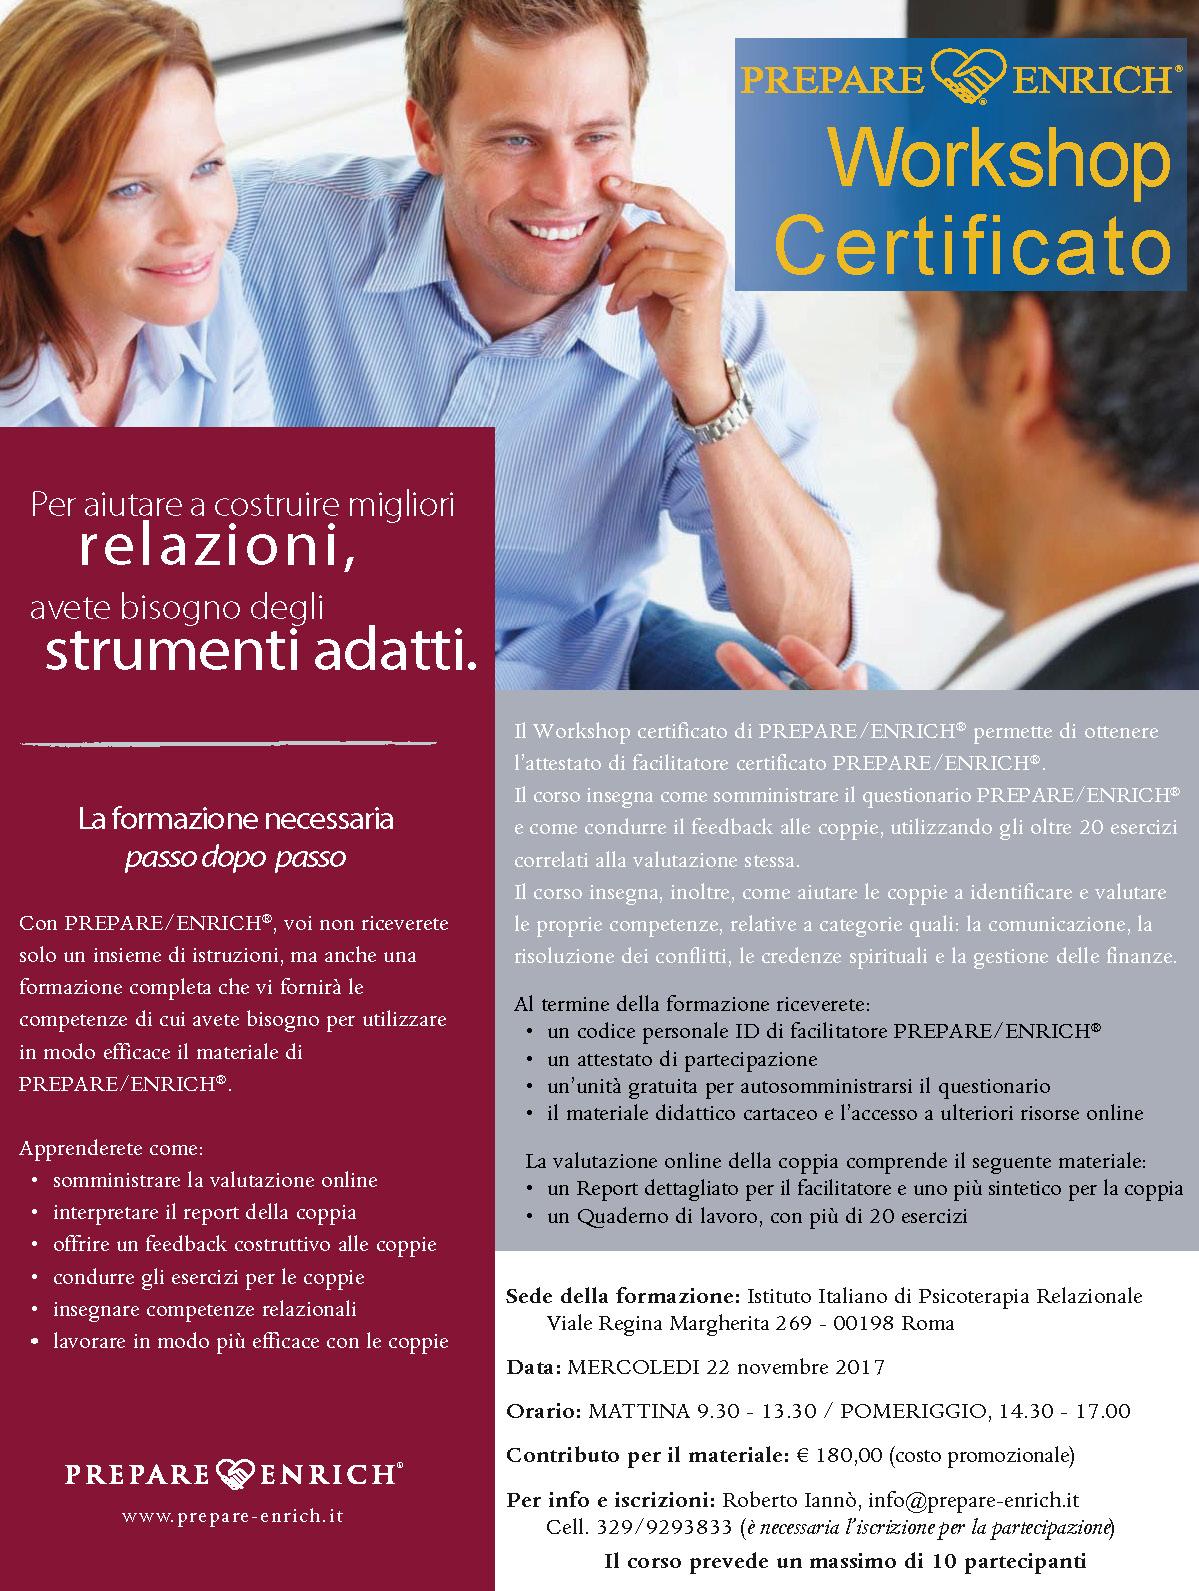 Workshop Certificato, novembre 2017